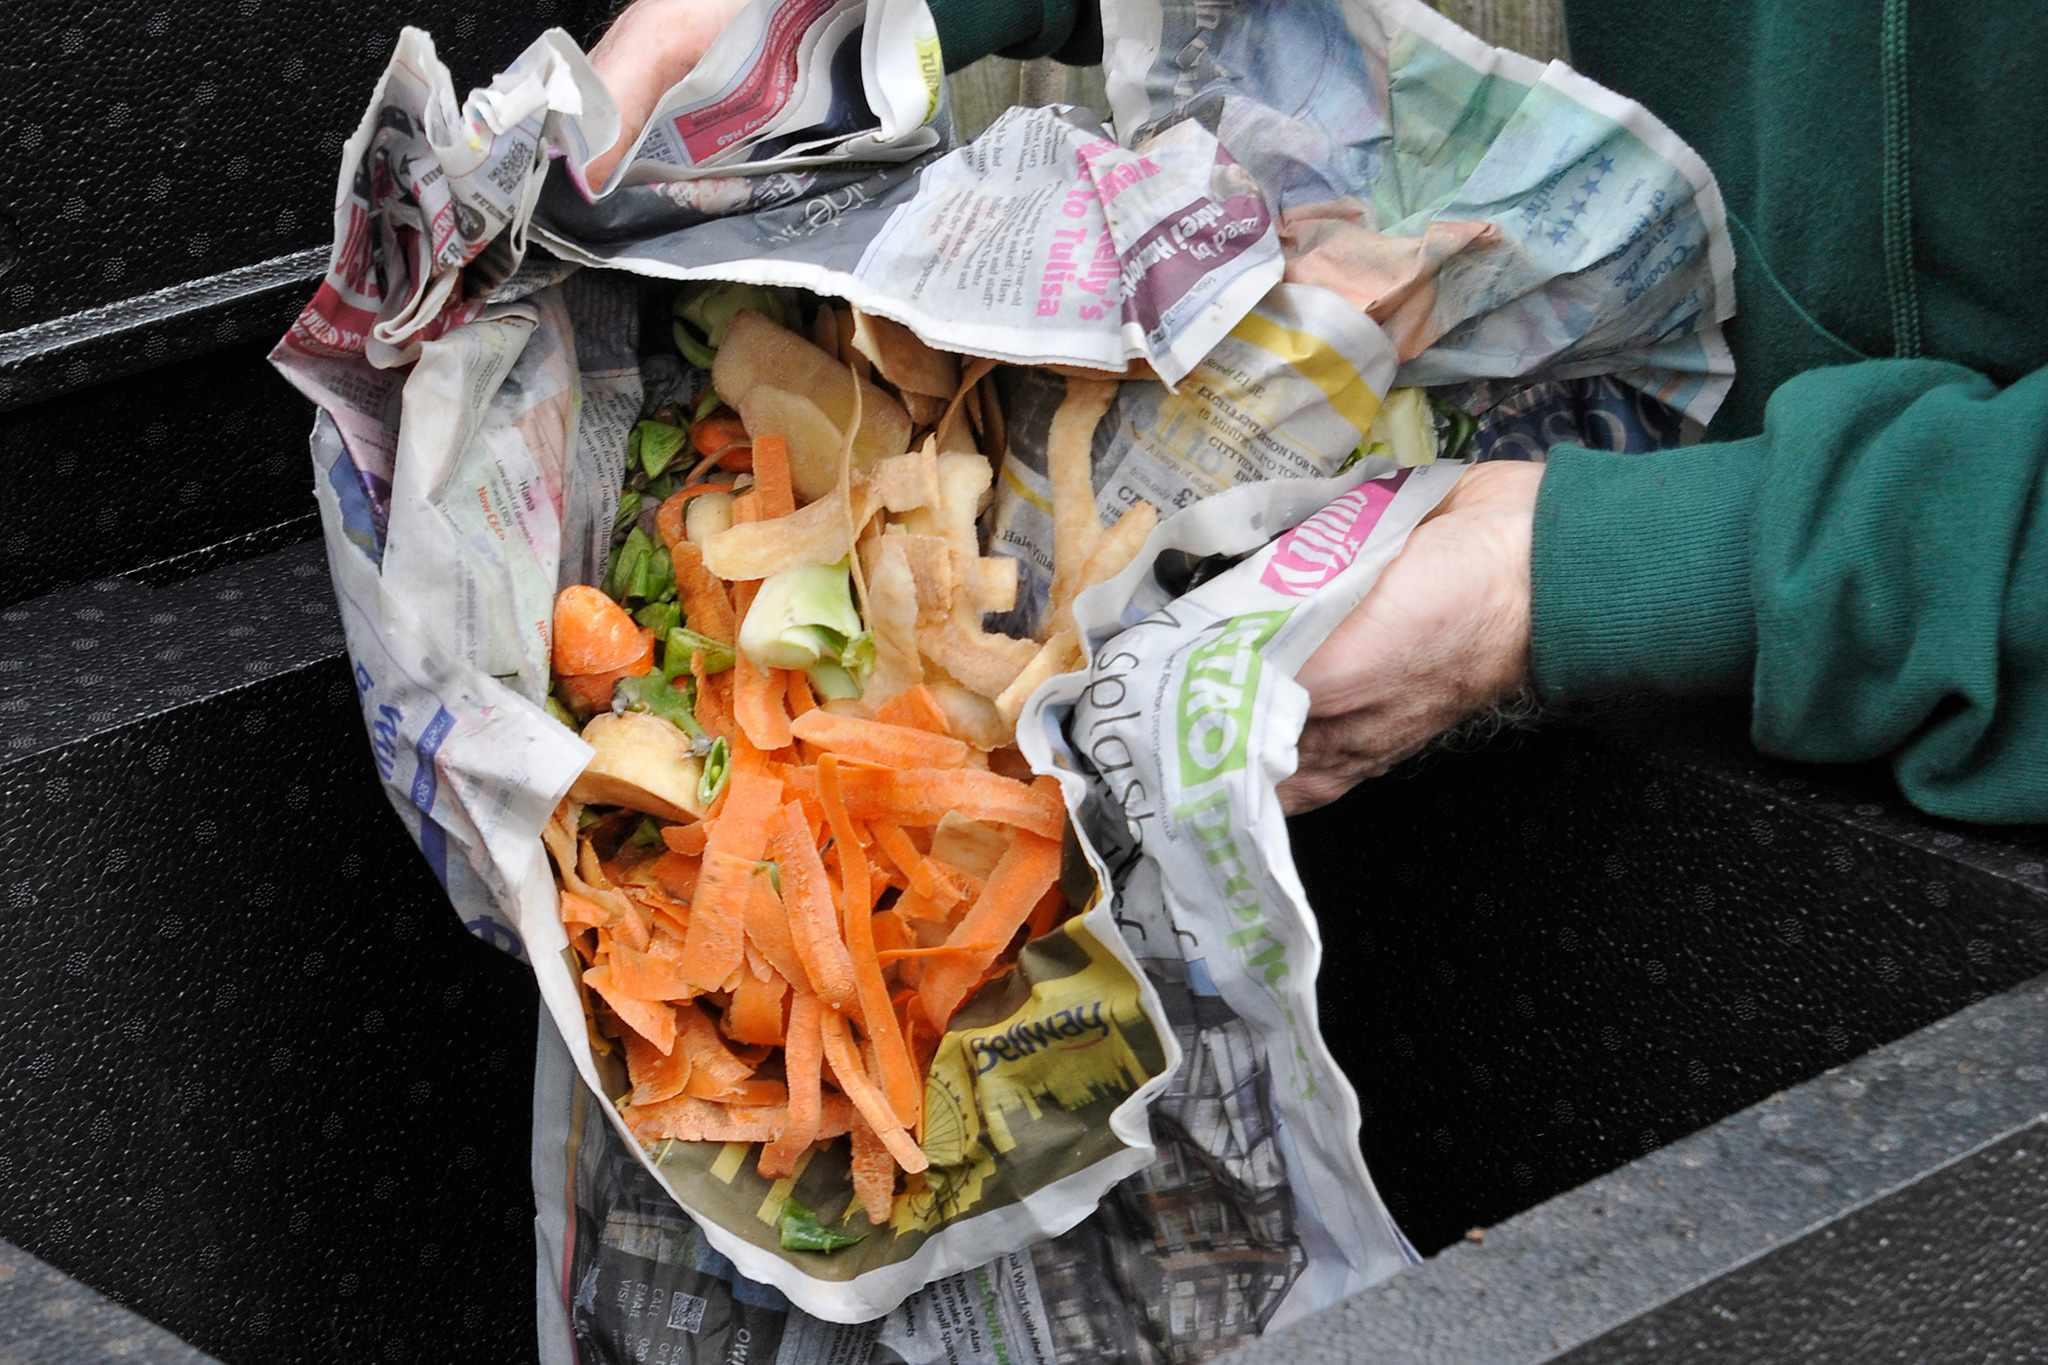 Composting veg peelings